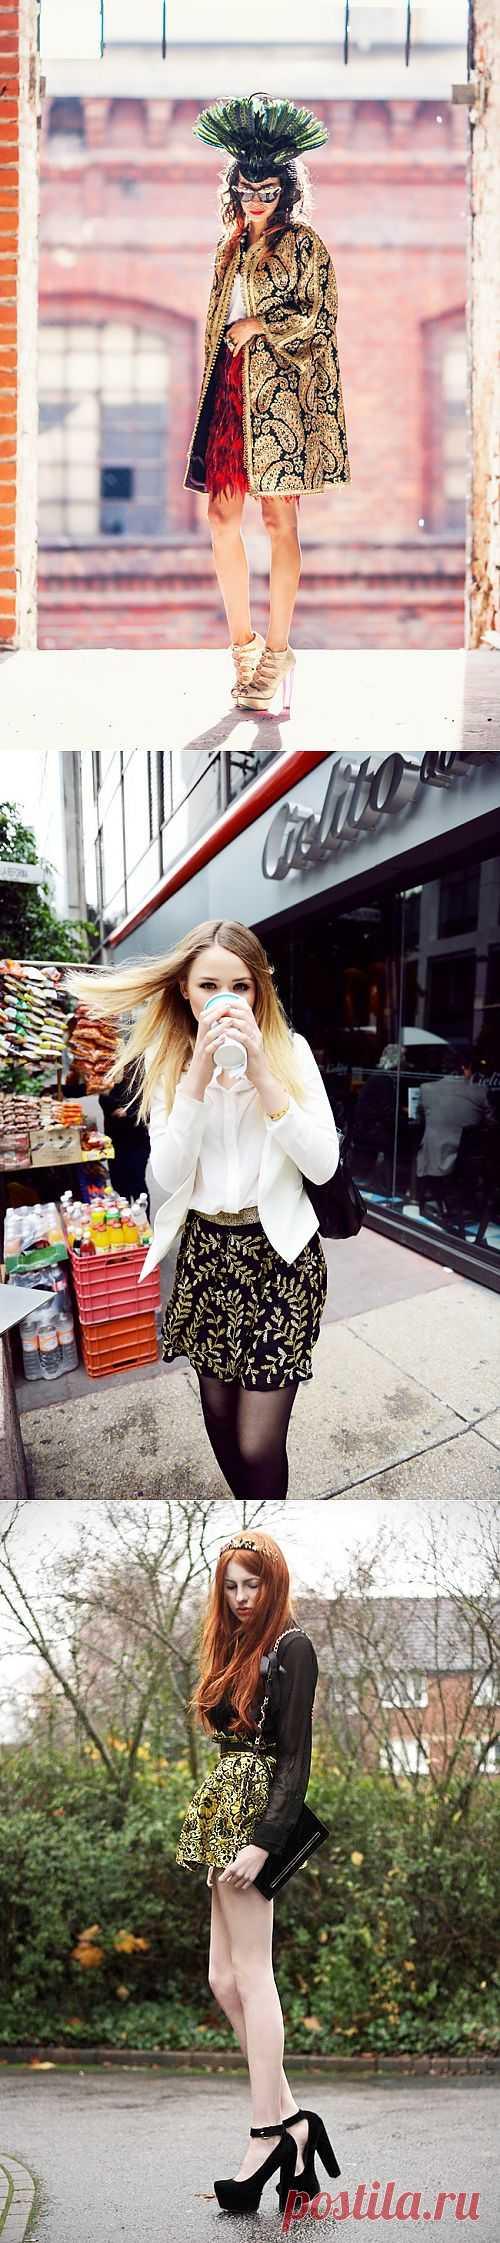 Барочное воспитание-3. Королевы улиц / Как носить? / Модный сайт о стильной переделке одежды и интерьера